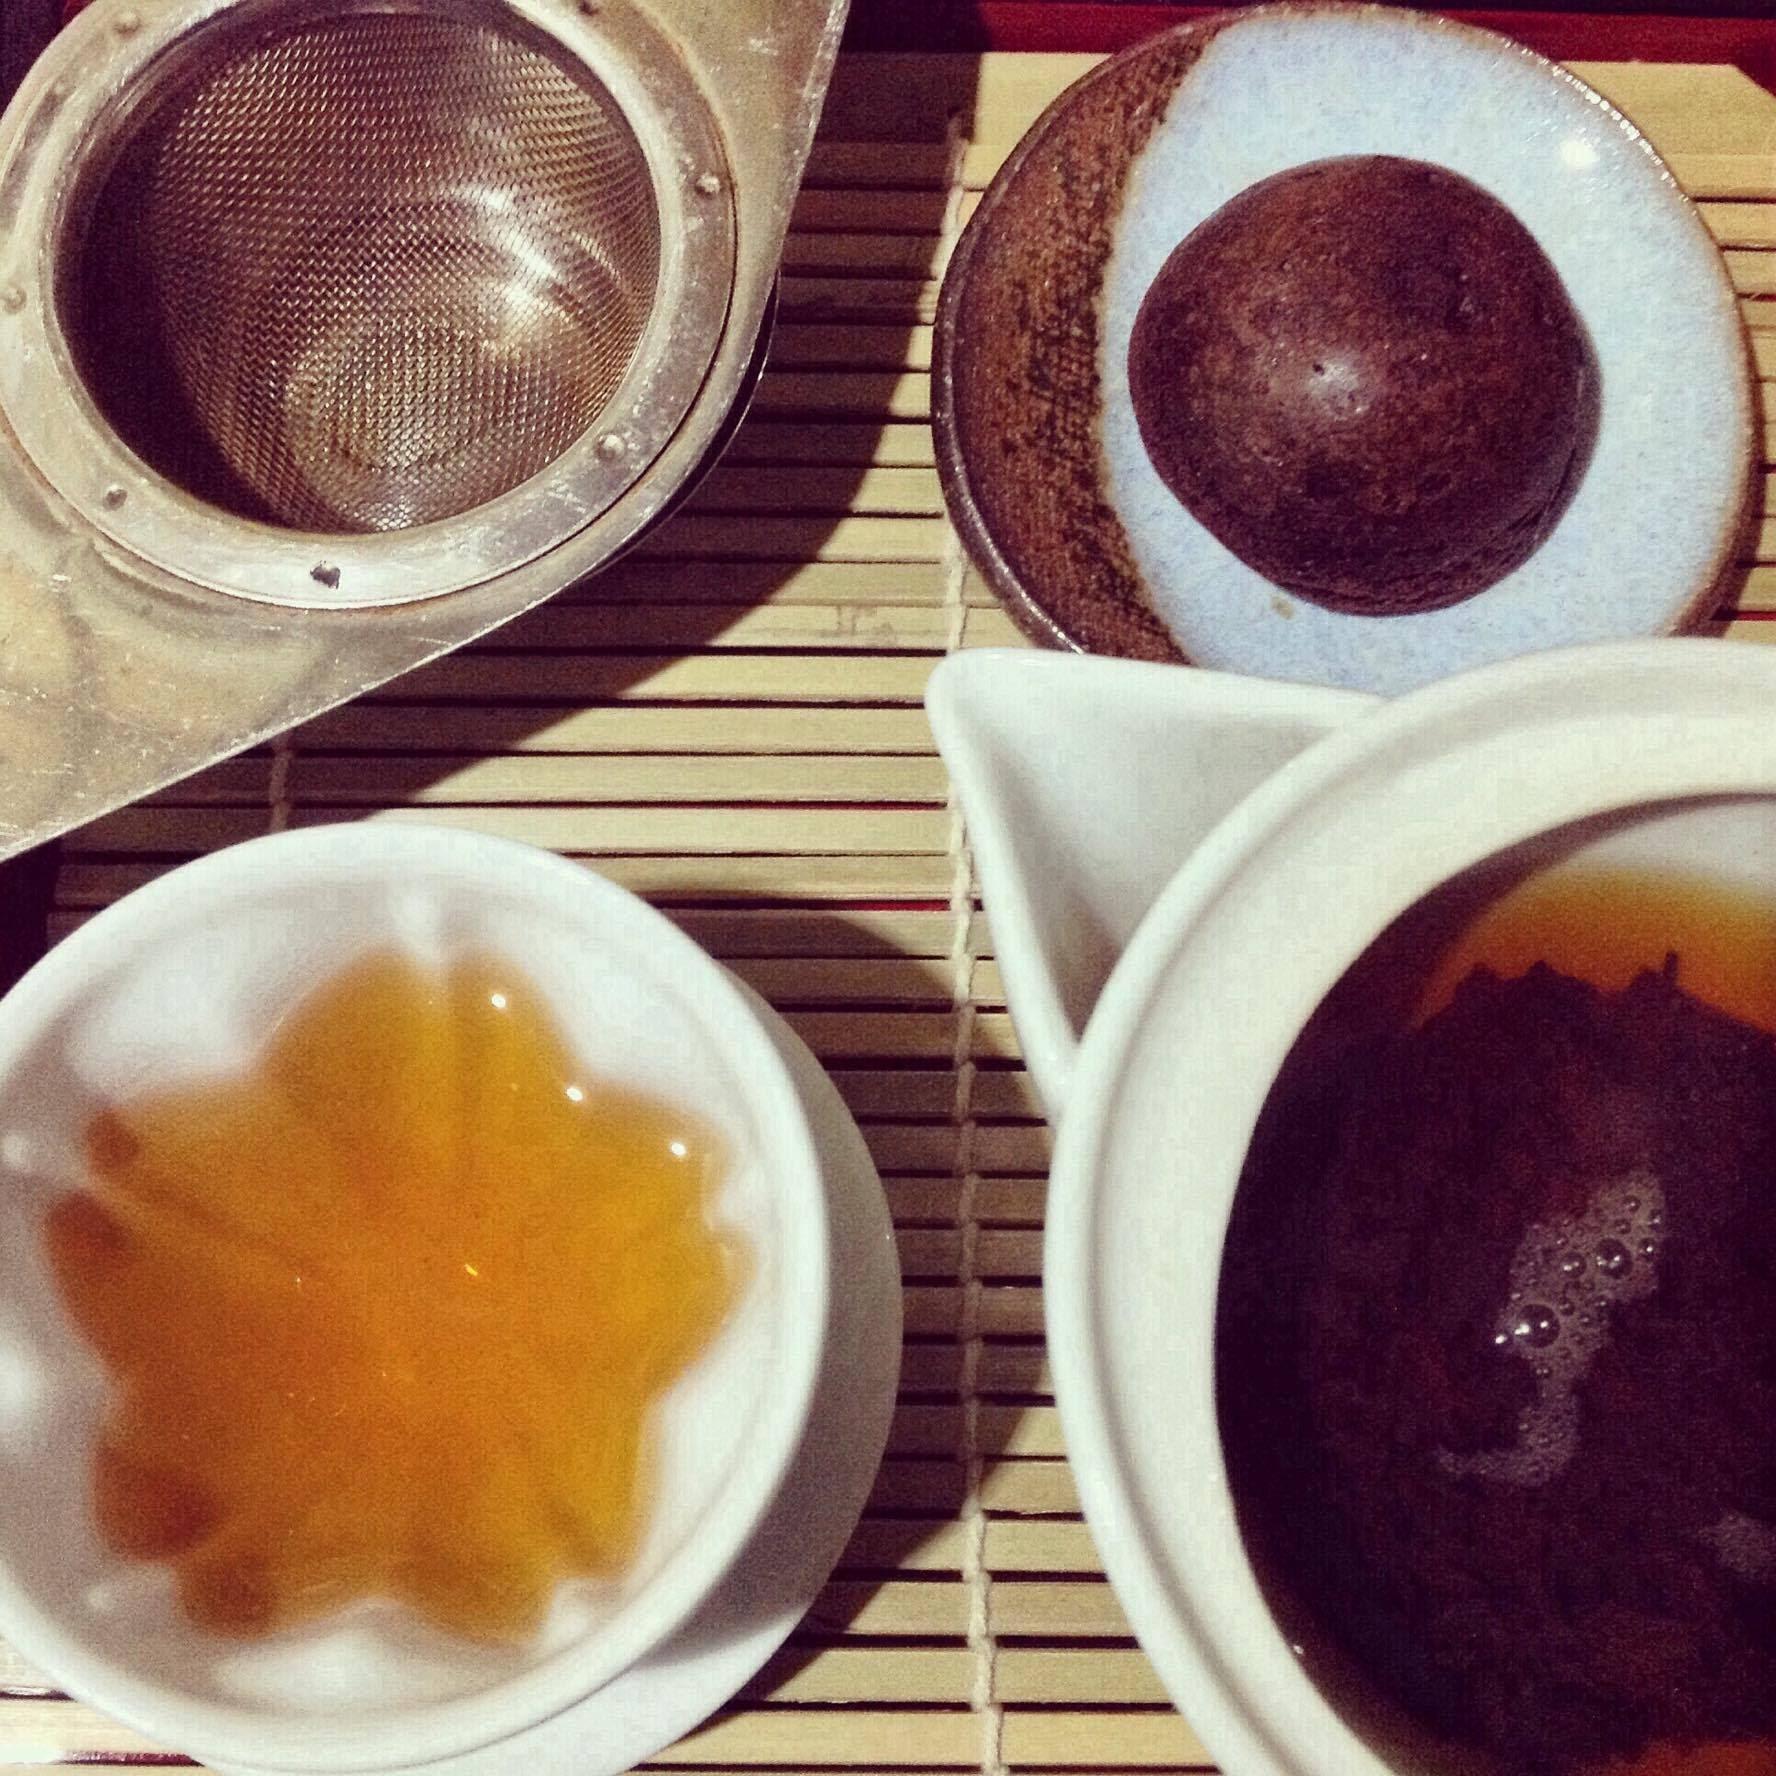 <!--:ja-->《和紅茶をいれてみよう》<!--:-->